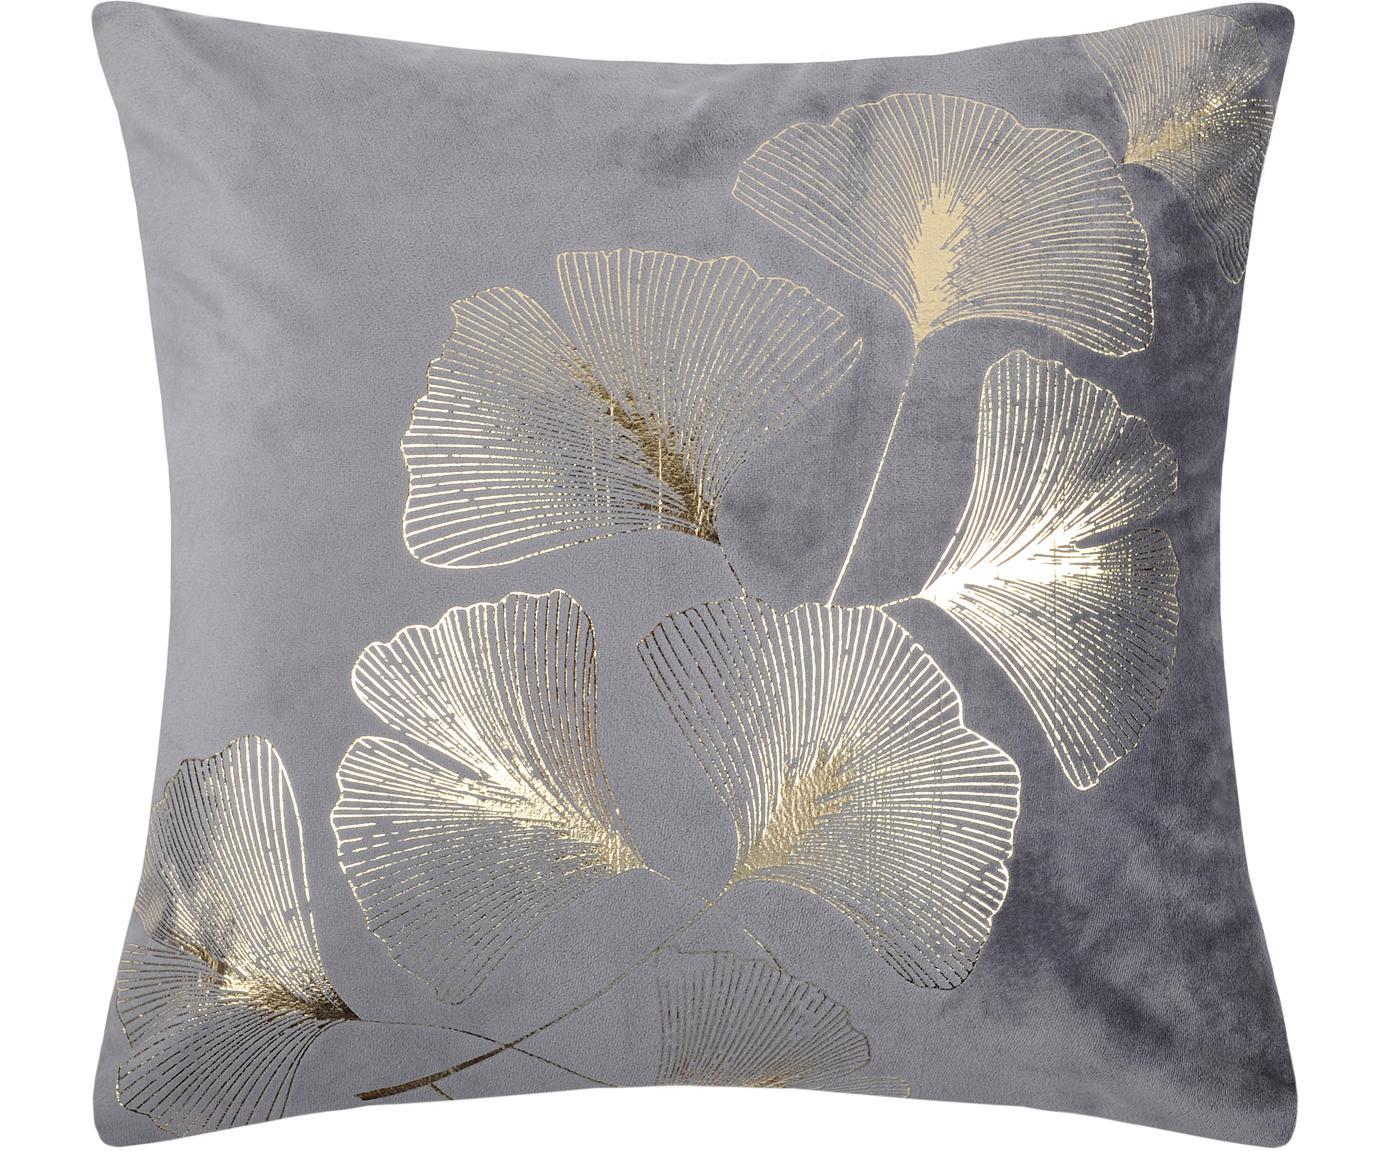 Fluwelen kussen Ginnan met goudkleurig ginkgo print, met vulling, Fluweel, Grijs, goudkleurig, 40 x 40 cm